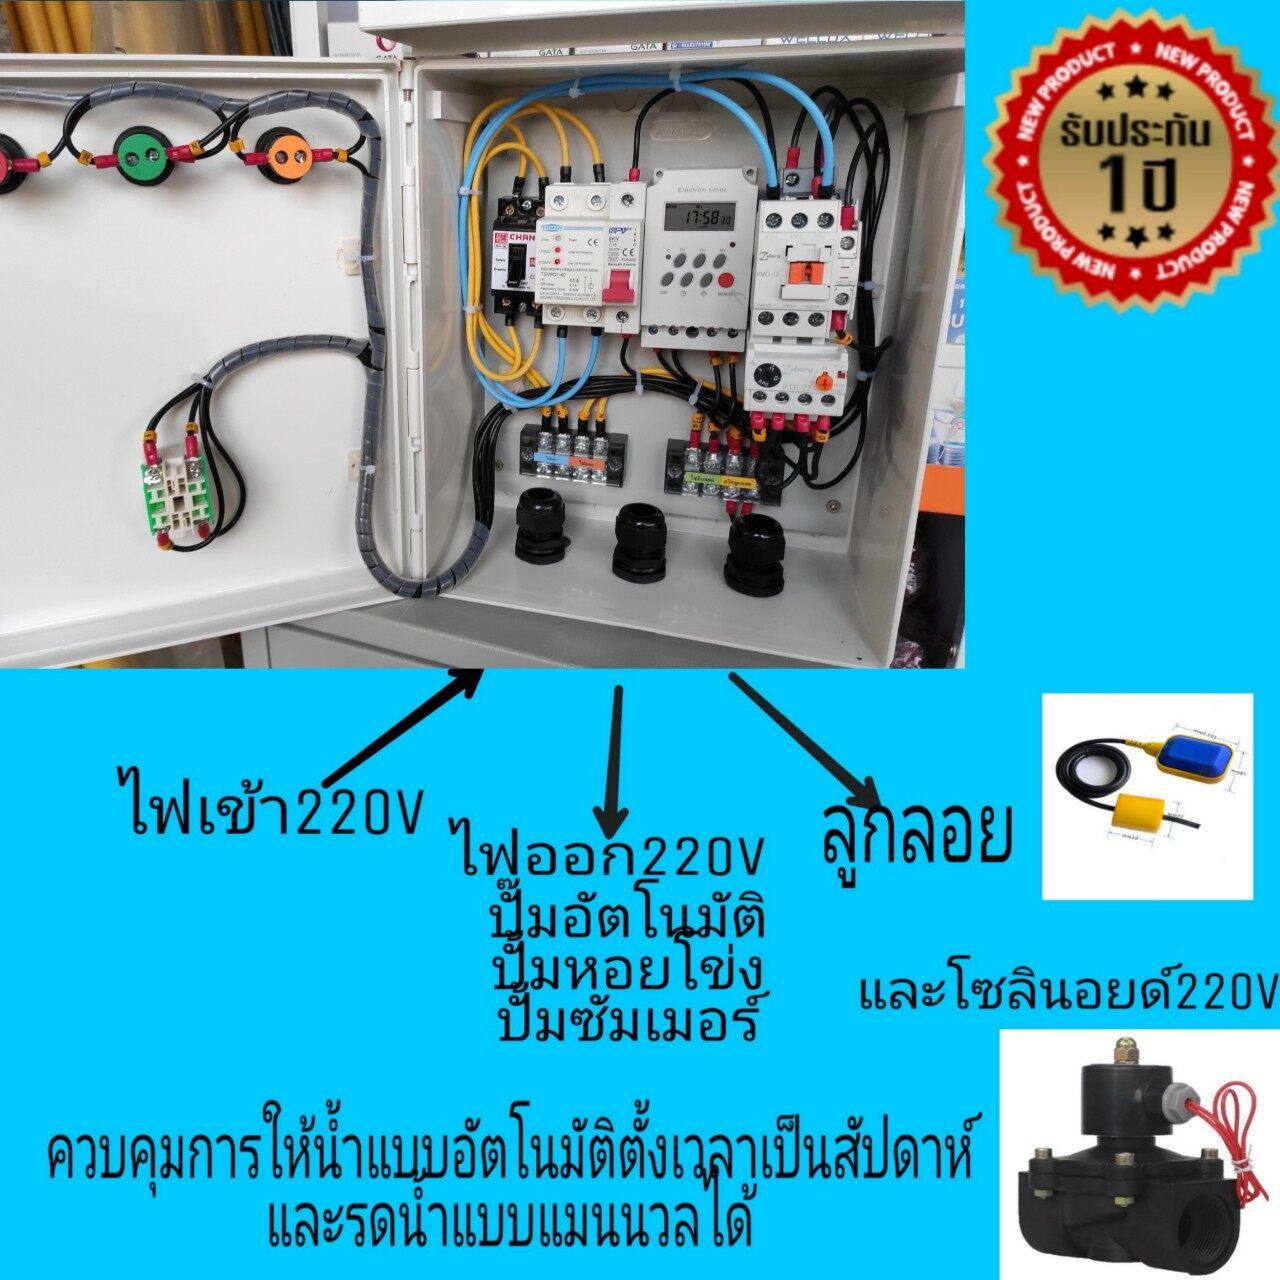 ตู้ควบคุมตั้งเวลาเปิด-ปิด,เครื่องตั้งเวลารดน้ำต้นไม้,ควบคุมเปิด-ปิดปั้มน้ำเป็นเวลาแบบอัตโนมัติ แบบป้องกันไฟตกไฟเกิน